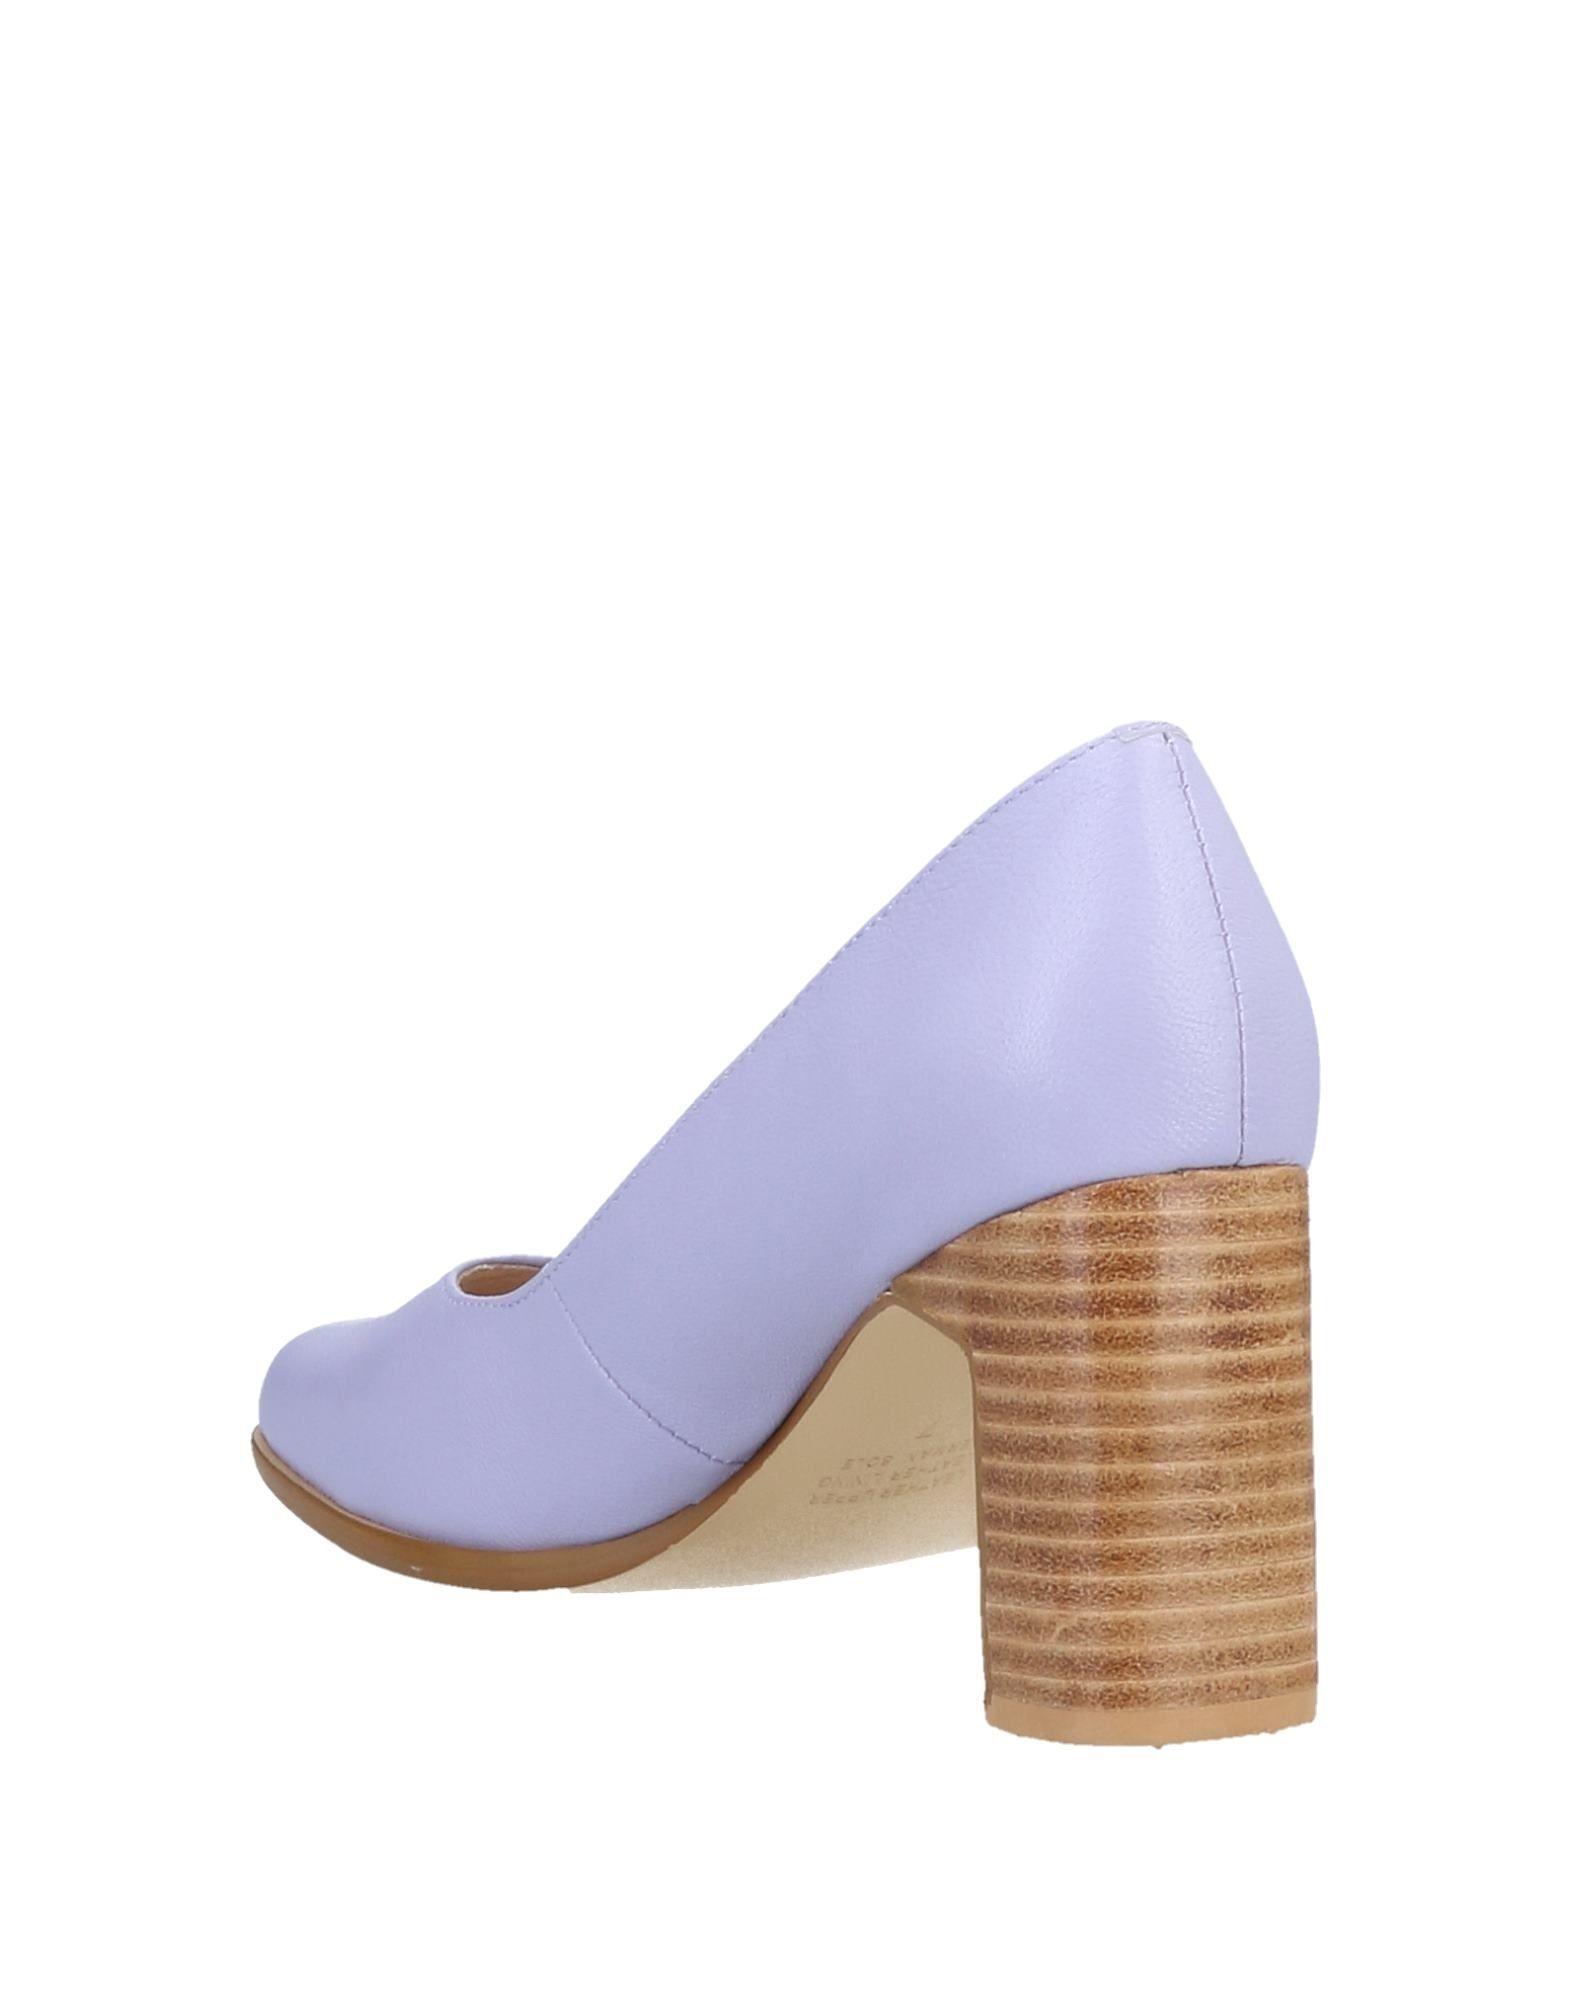 Pumps strapazierfähige Damen  11568251JSGut aussehende strapazierfähige Pumps Schuhe 47aa1a